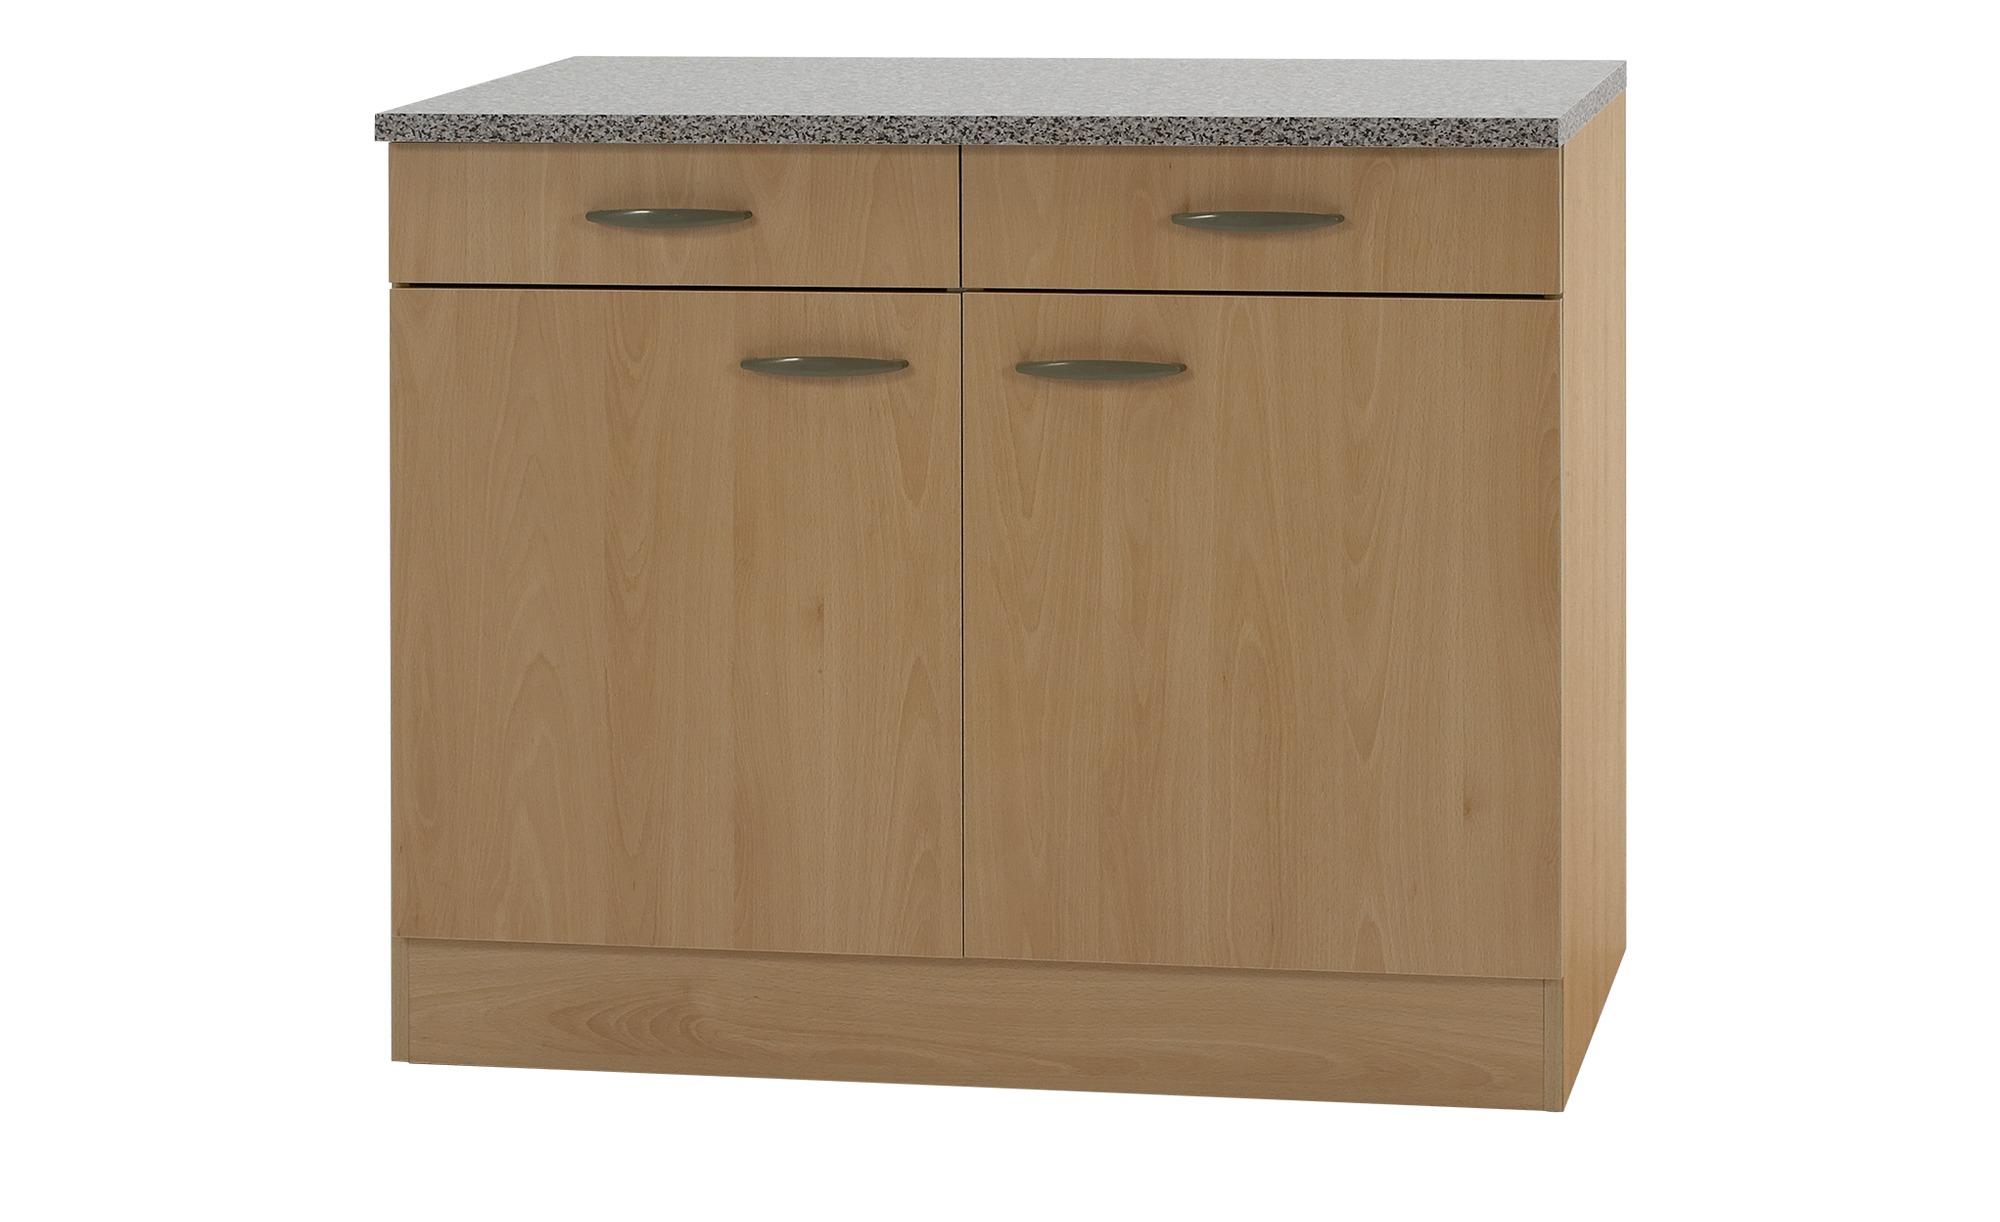 Full Size of Sconto Küchen Granit Kchen Unterschrnke Online Kaufen Mbel Suchmaschine Regal Wohnzimmer Sconto Küchen